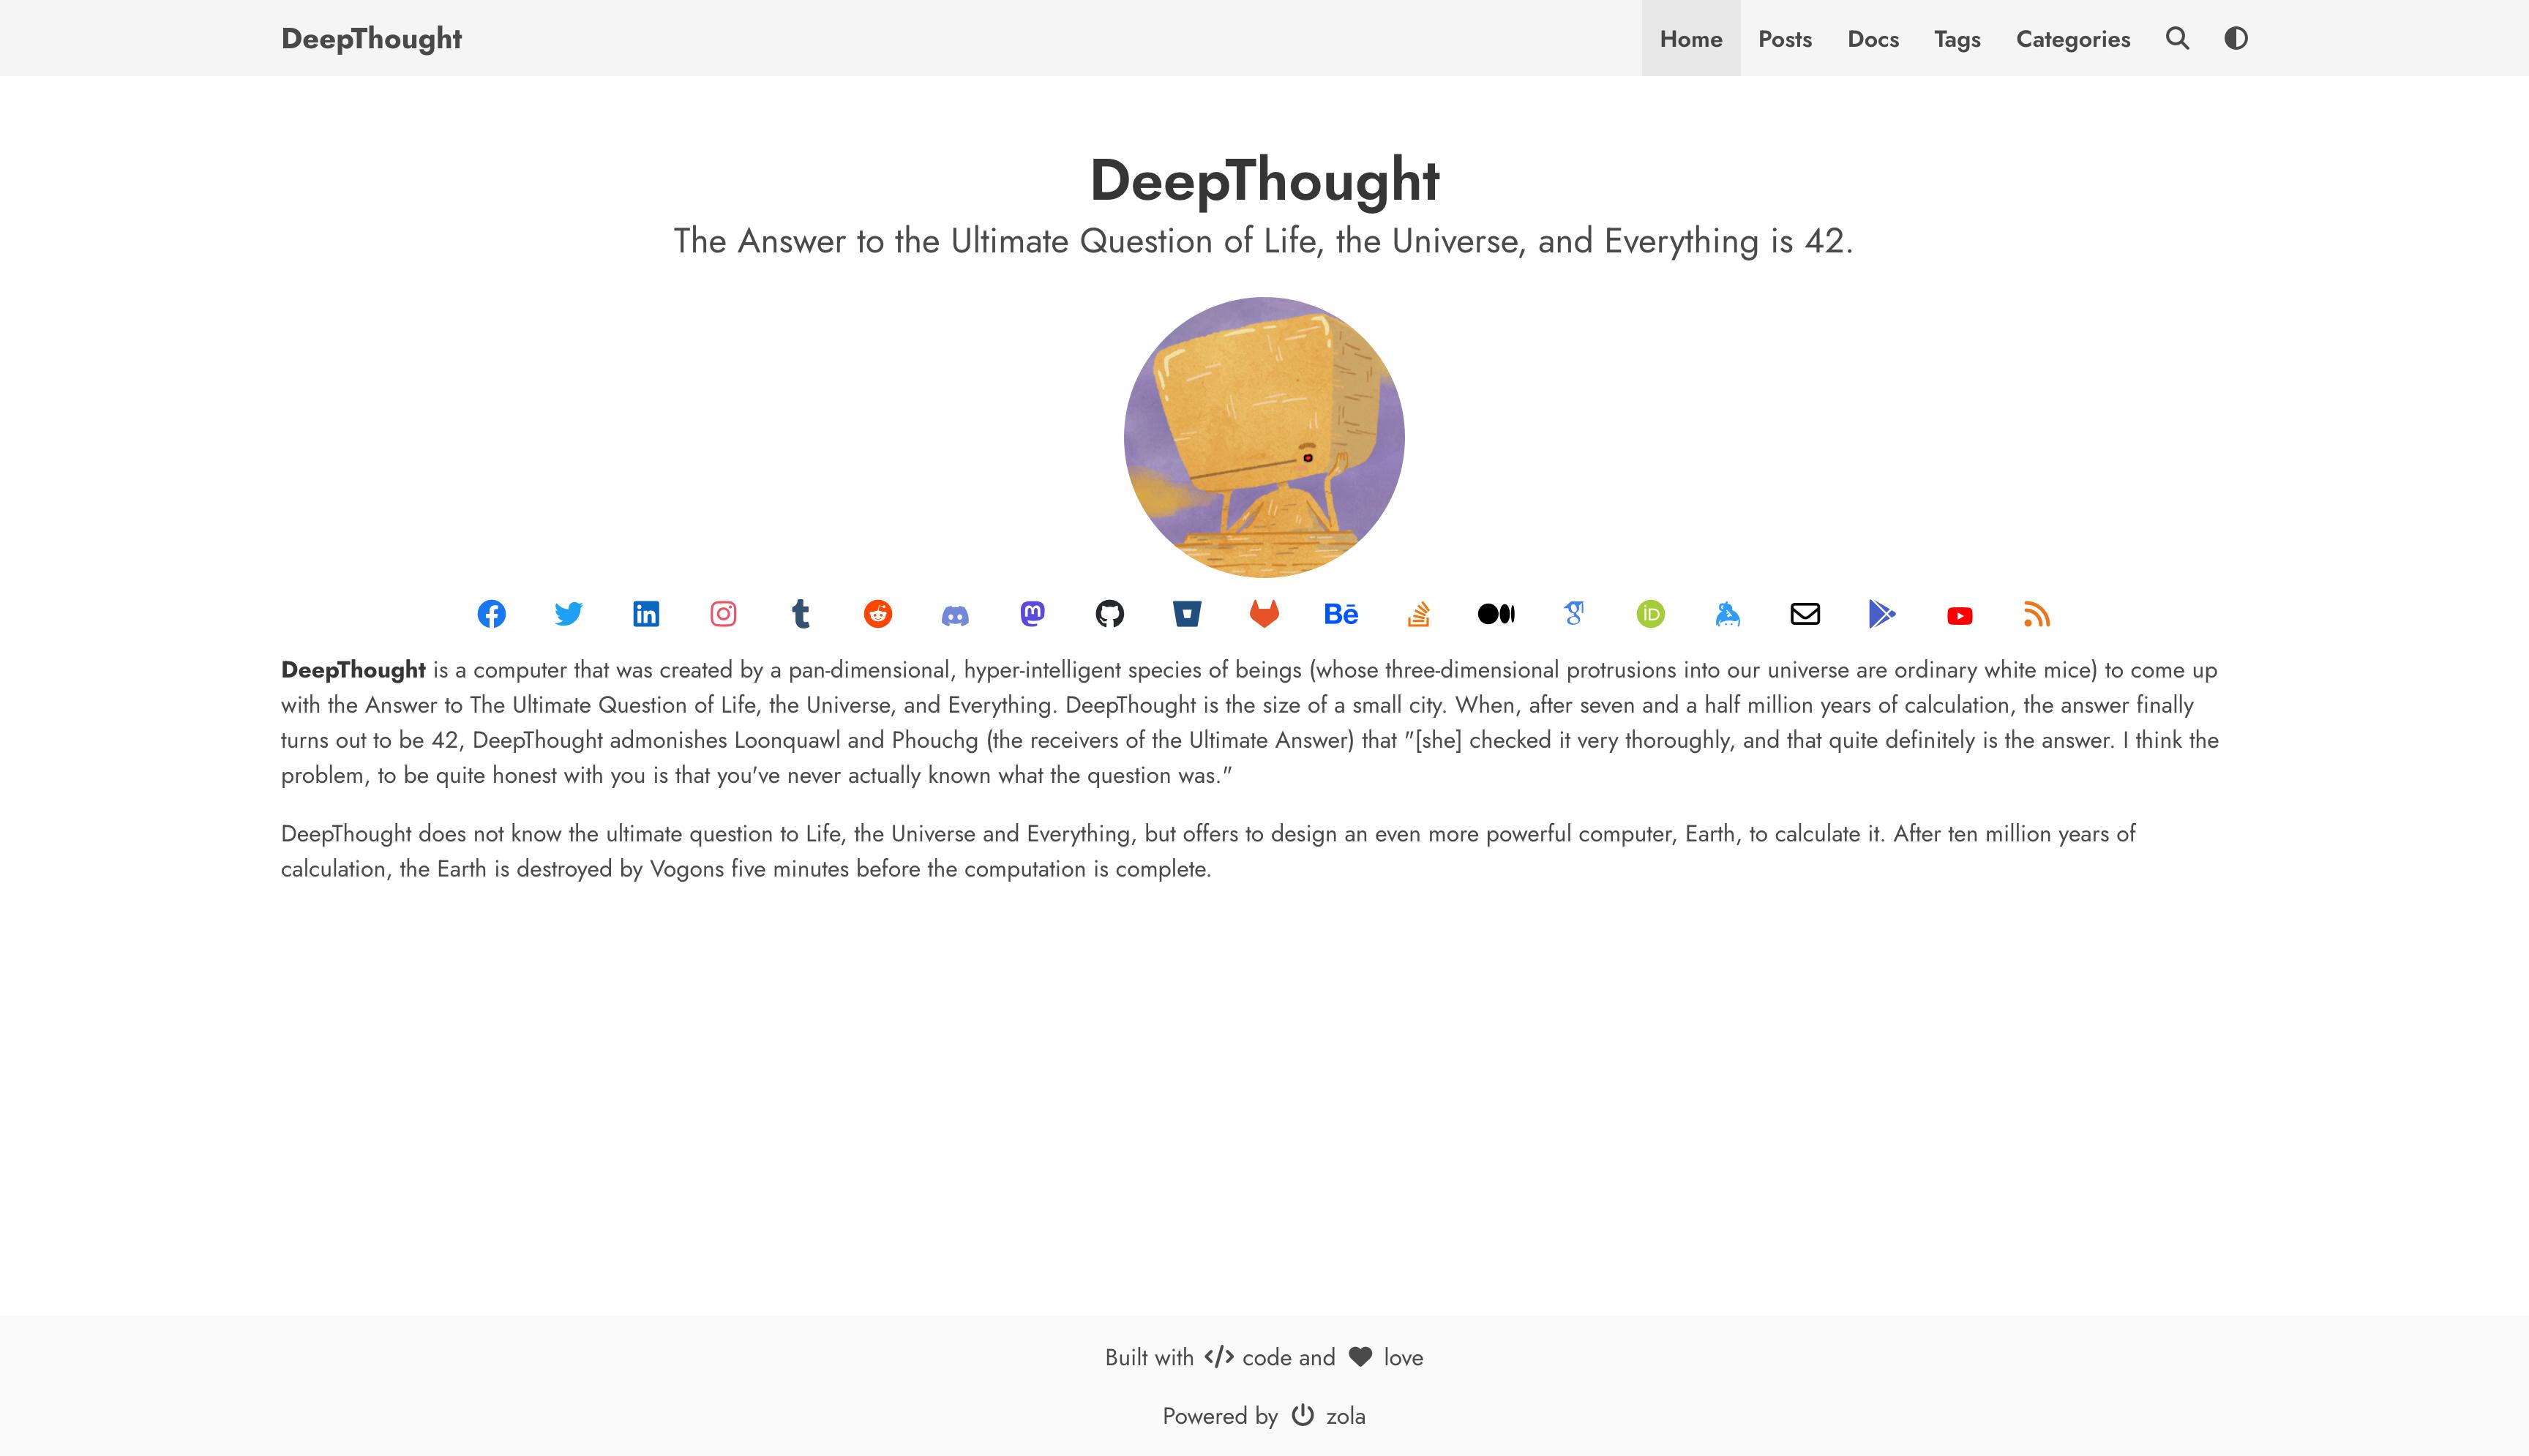 Screenshot of DeepThought